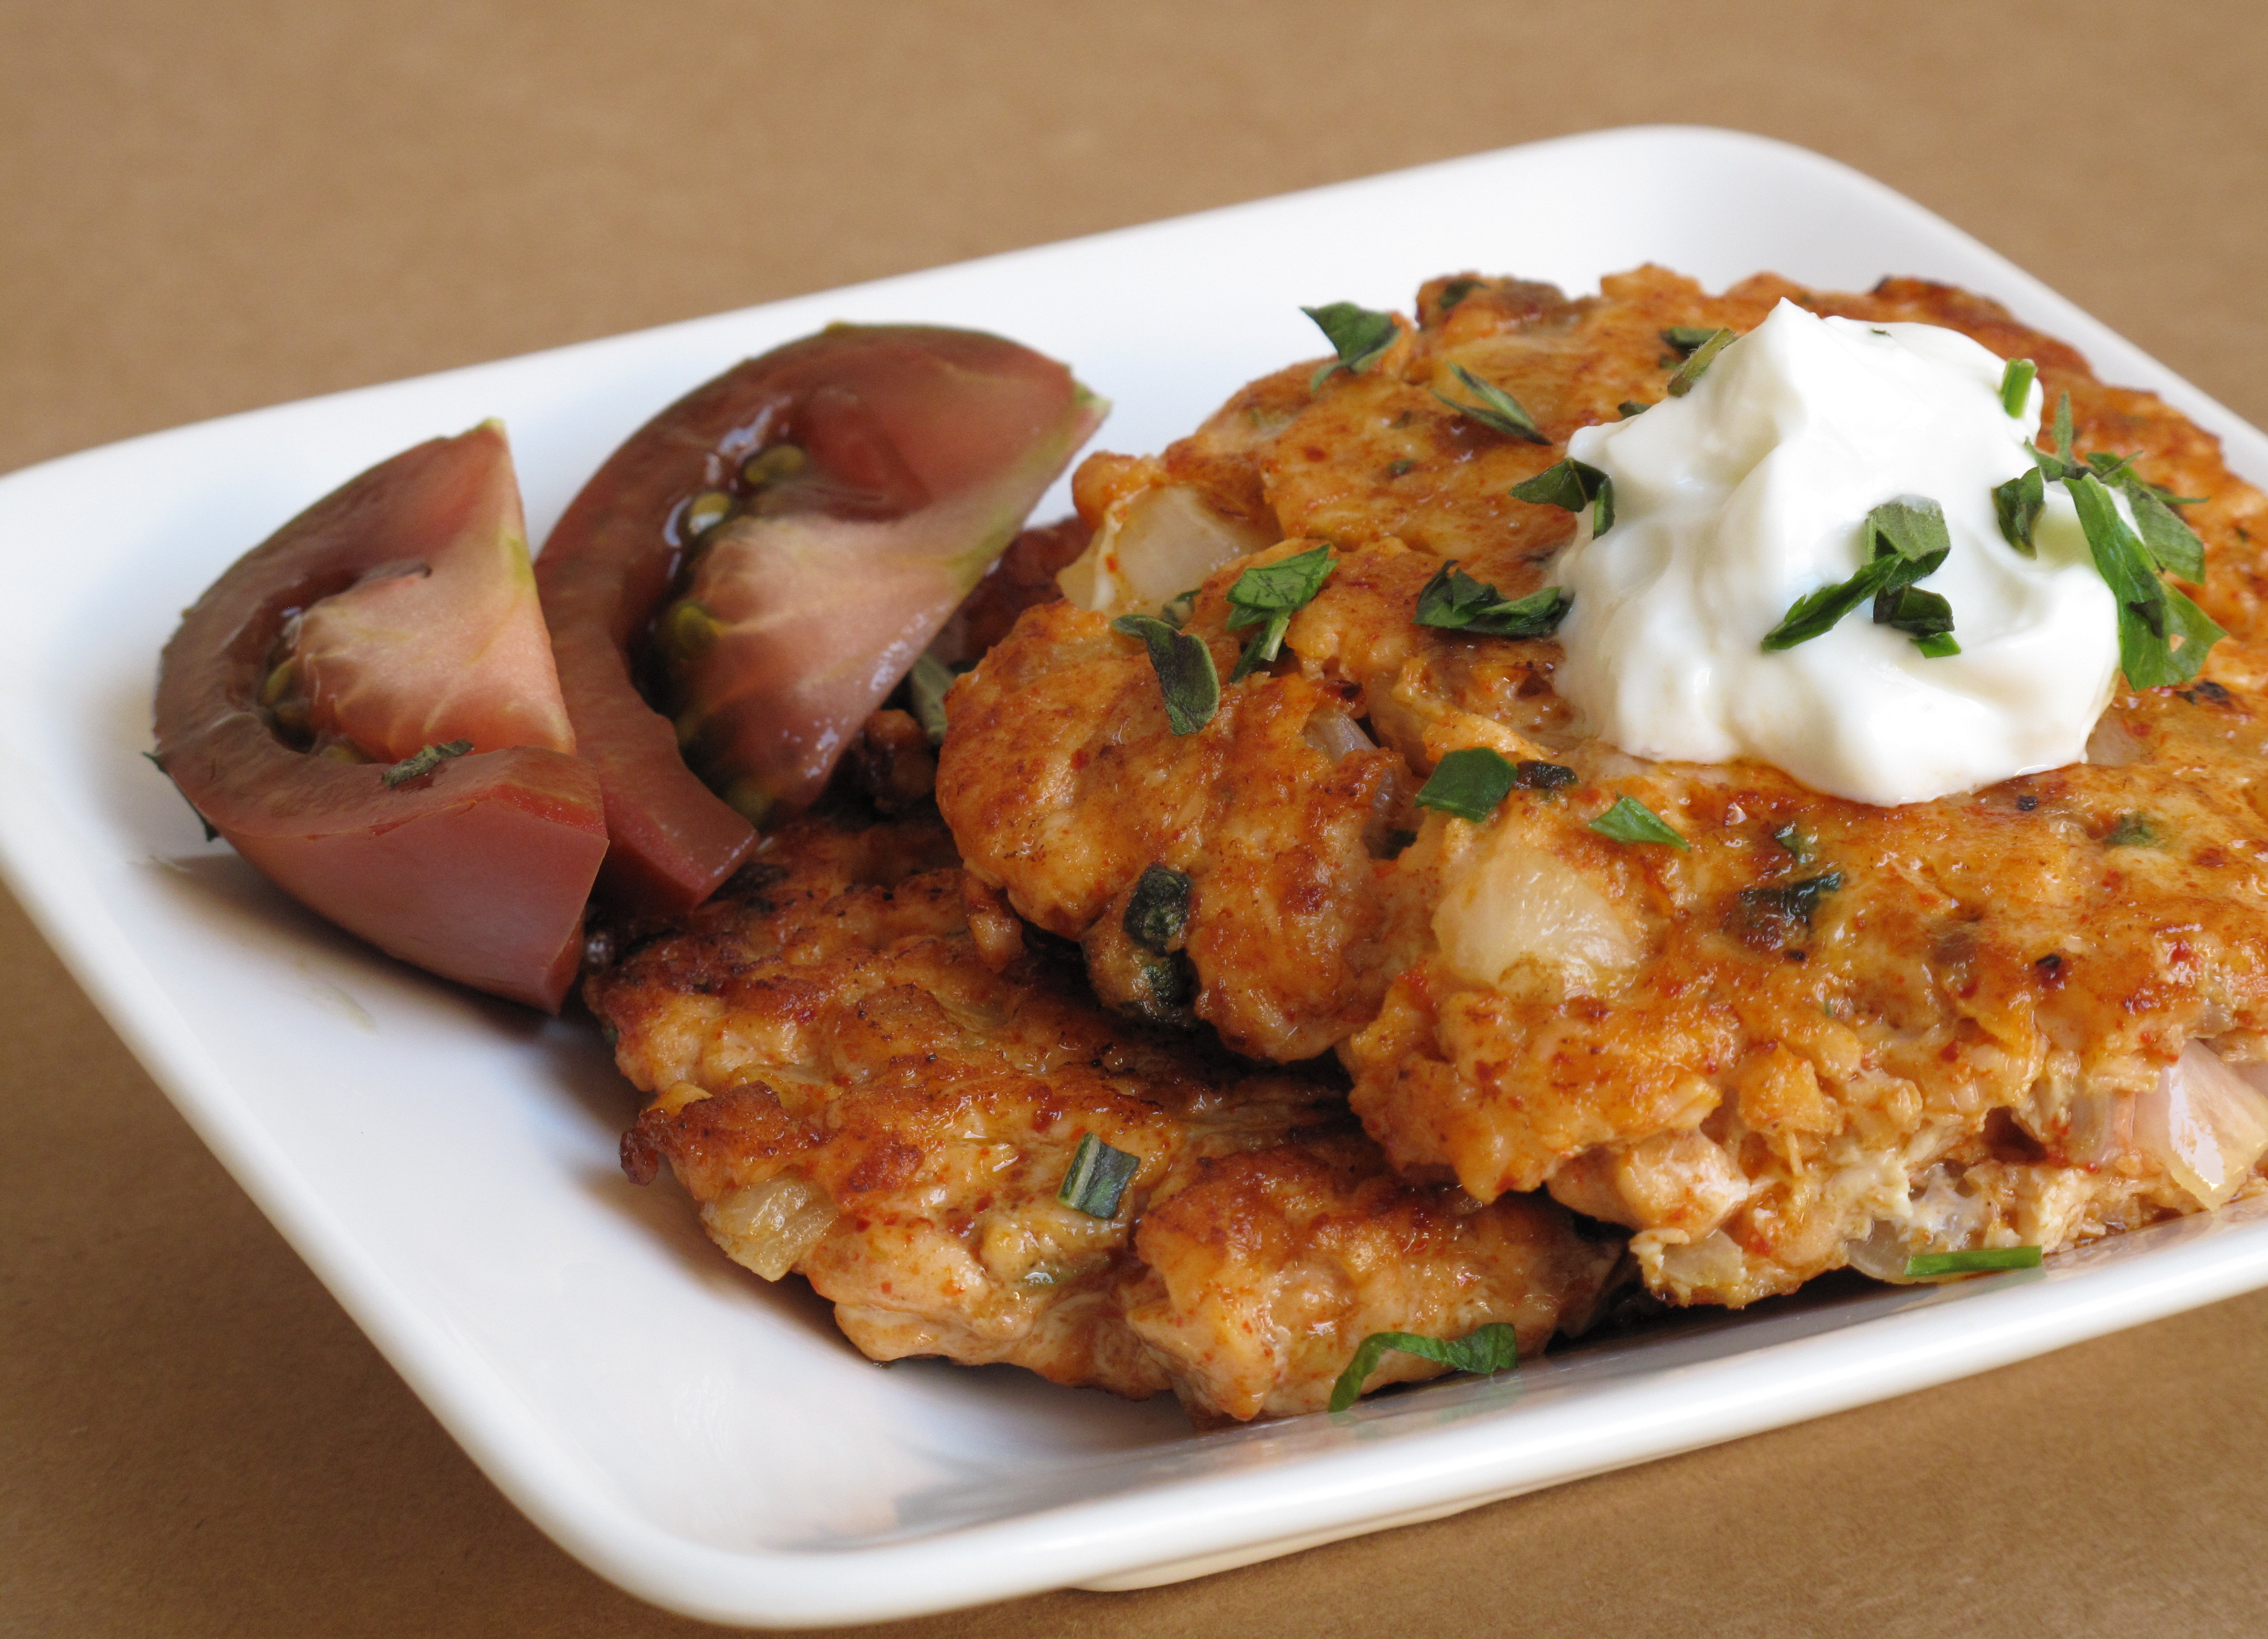 Healthy Breakfast Meat  Healthy Spa Recipe For Breakfast Salmon Sausage Patties